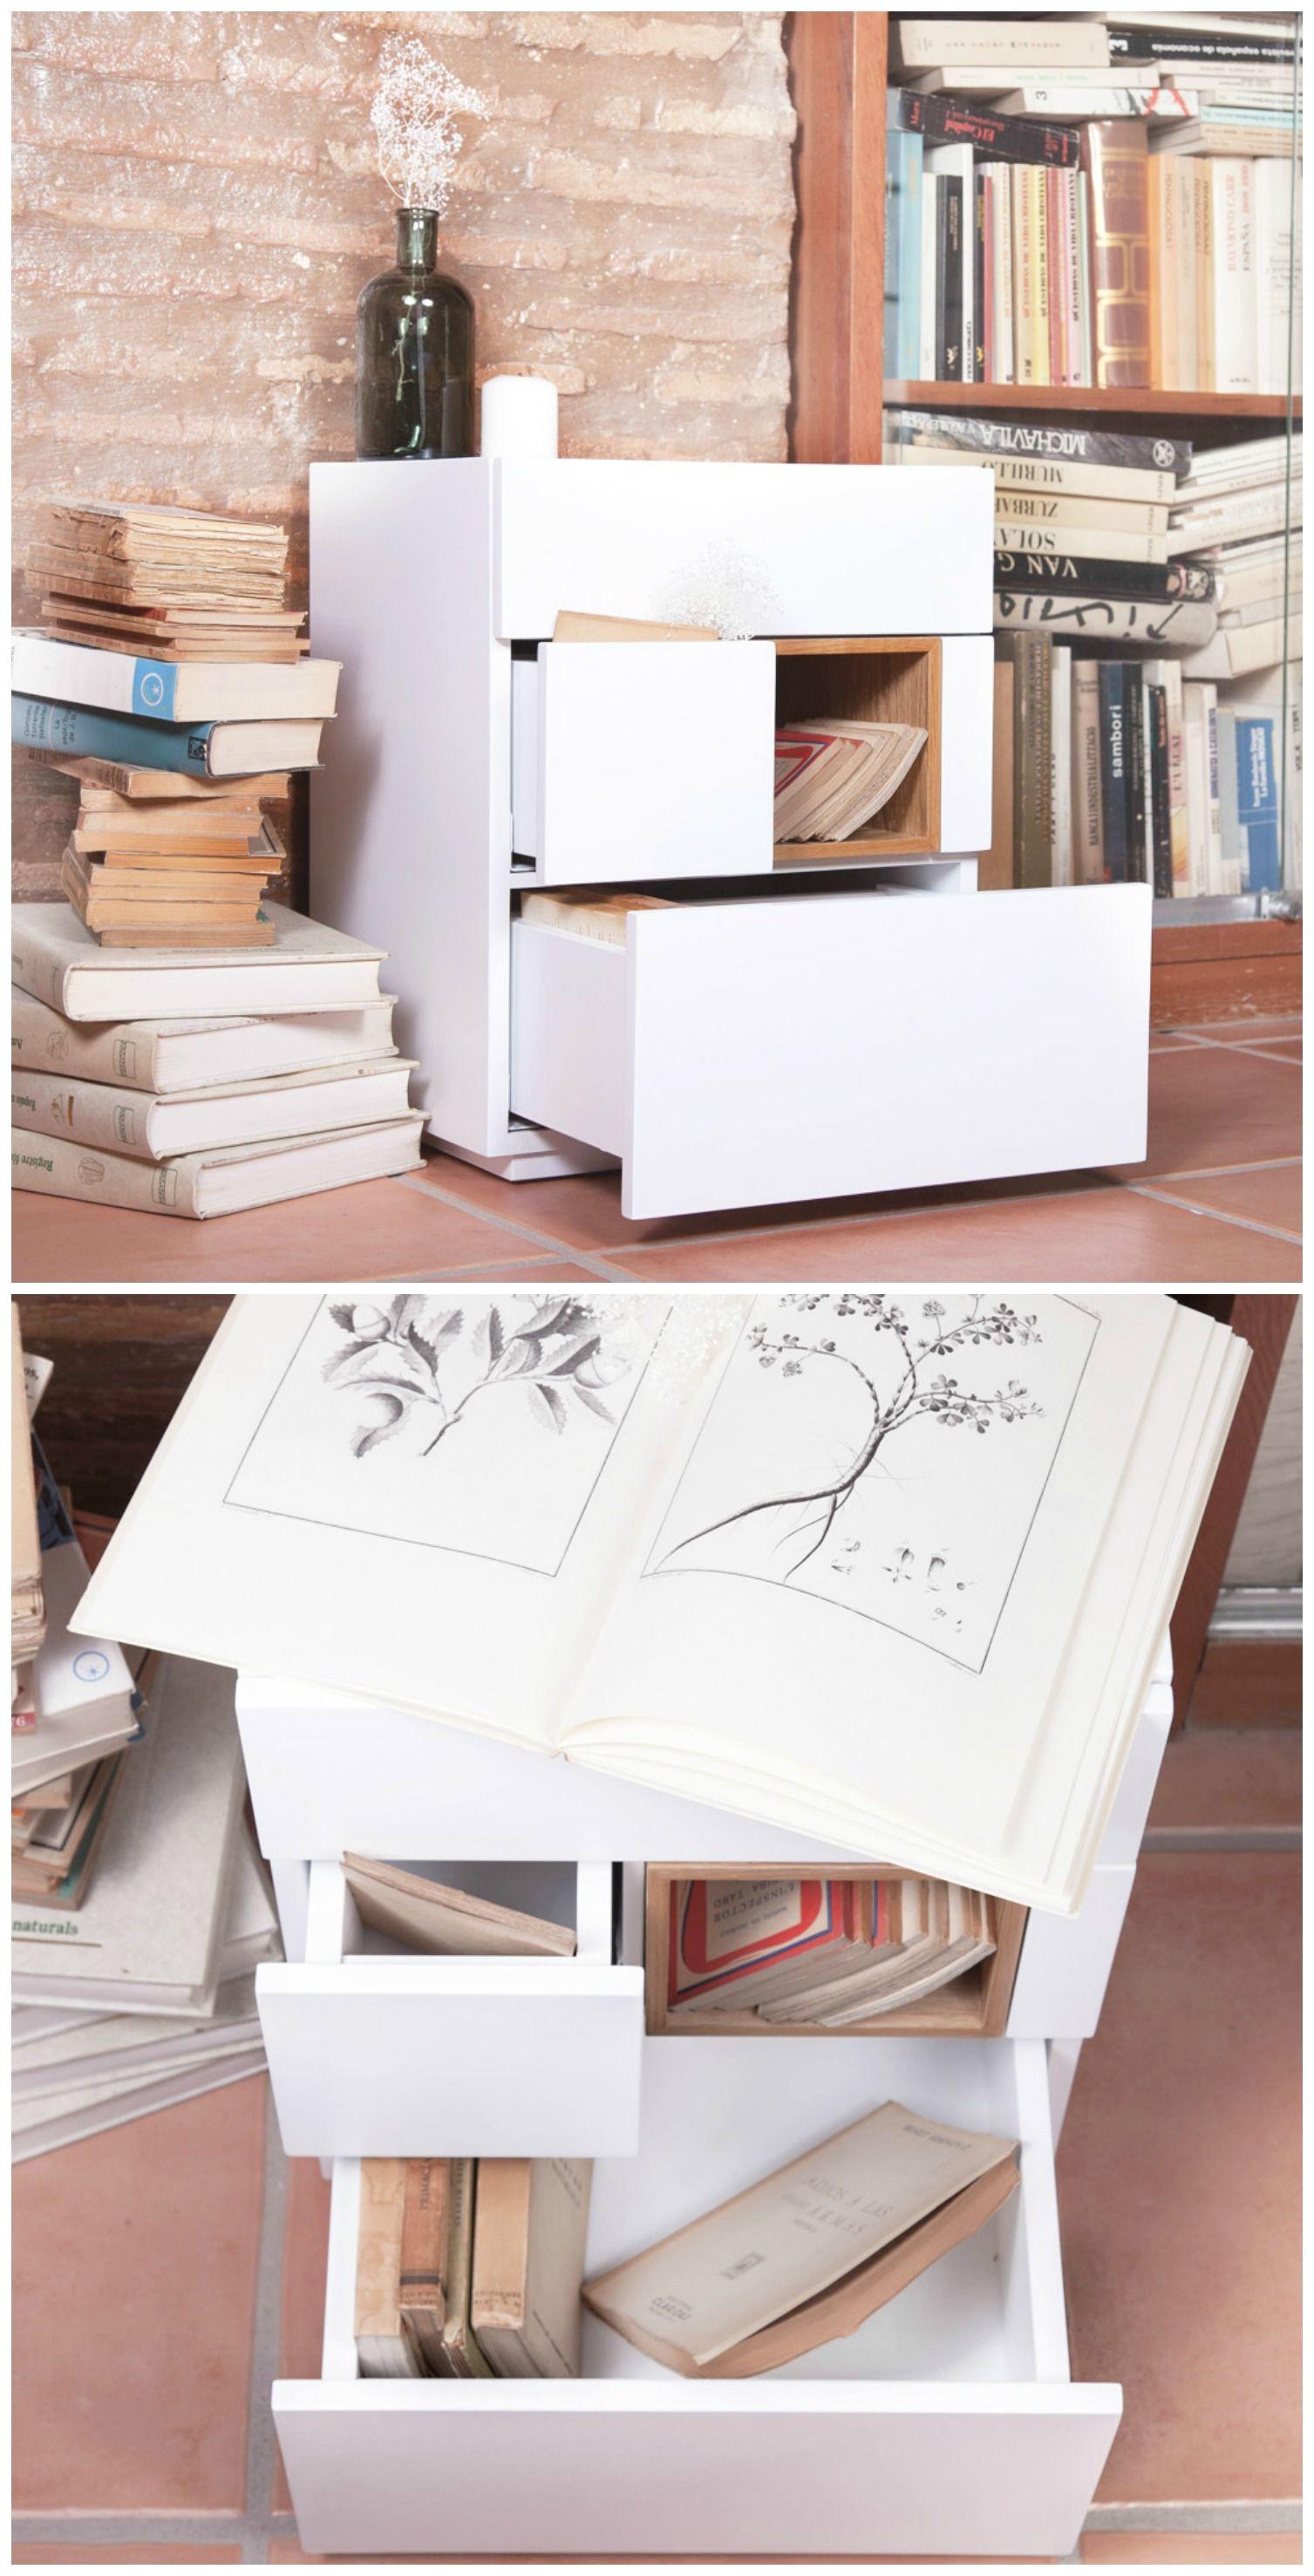 magnifico mueble aparador salon en simpatico cajonera minimalista mesita de disec2b1o mueble de disec2b1o mueble planificacion para mueble aparador salon jpg